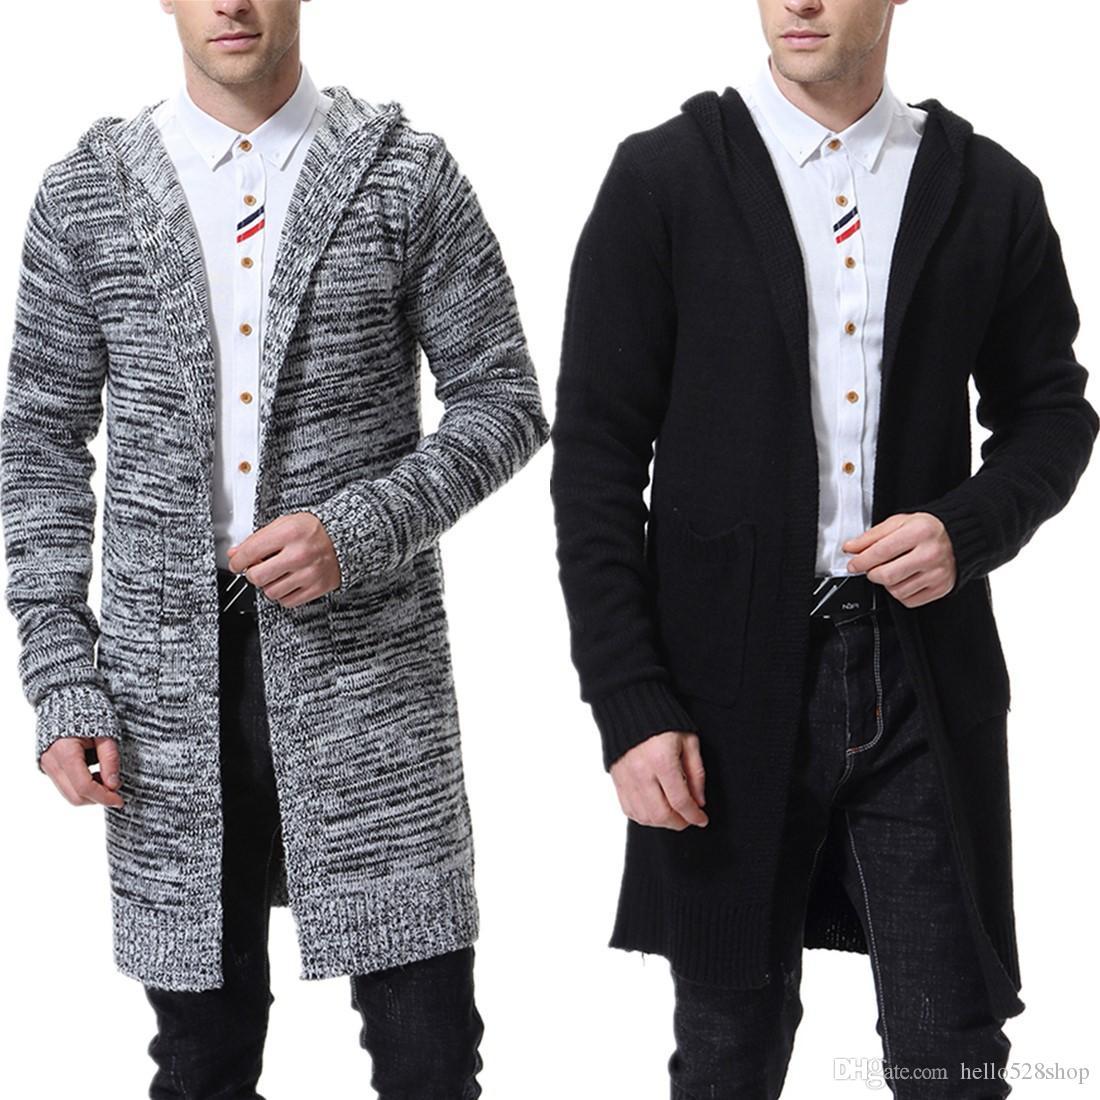 Erkekler Kapşonlu Triko Örme Hırka Triko ceketler İnce Uzun Dış Giyim Moda için Hafif İnce